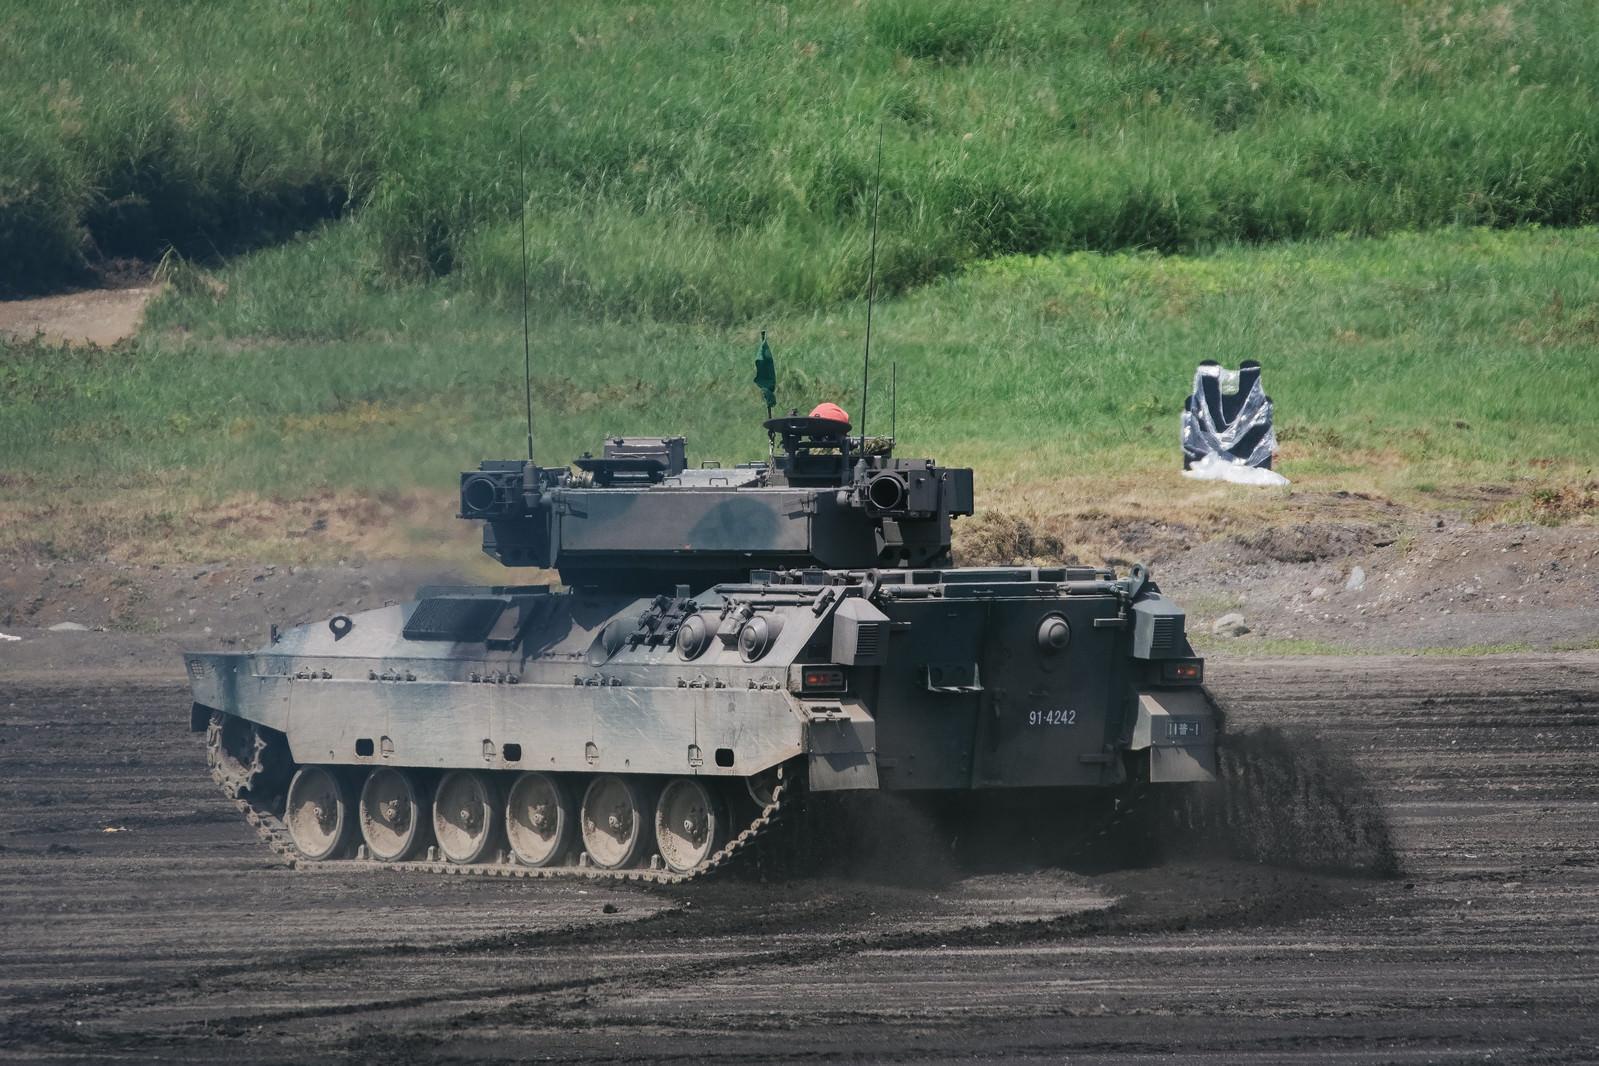 「泥を蹴散らし進む89式装甲戦闘車泥を蹴散らし進む89式装甲戦闘車」のフリー写真素材を拡大